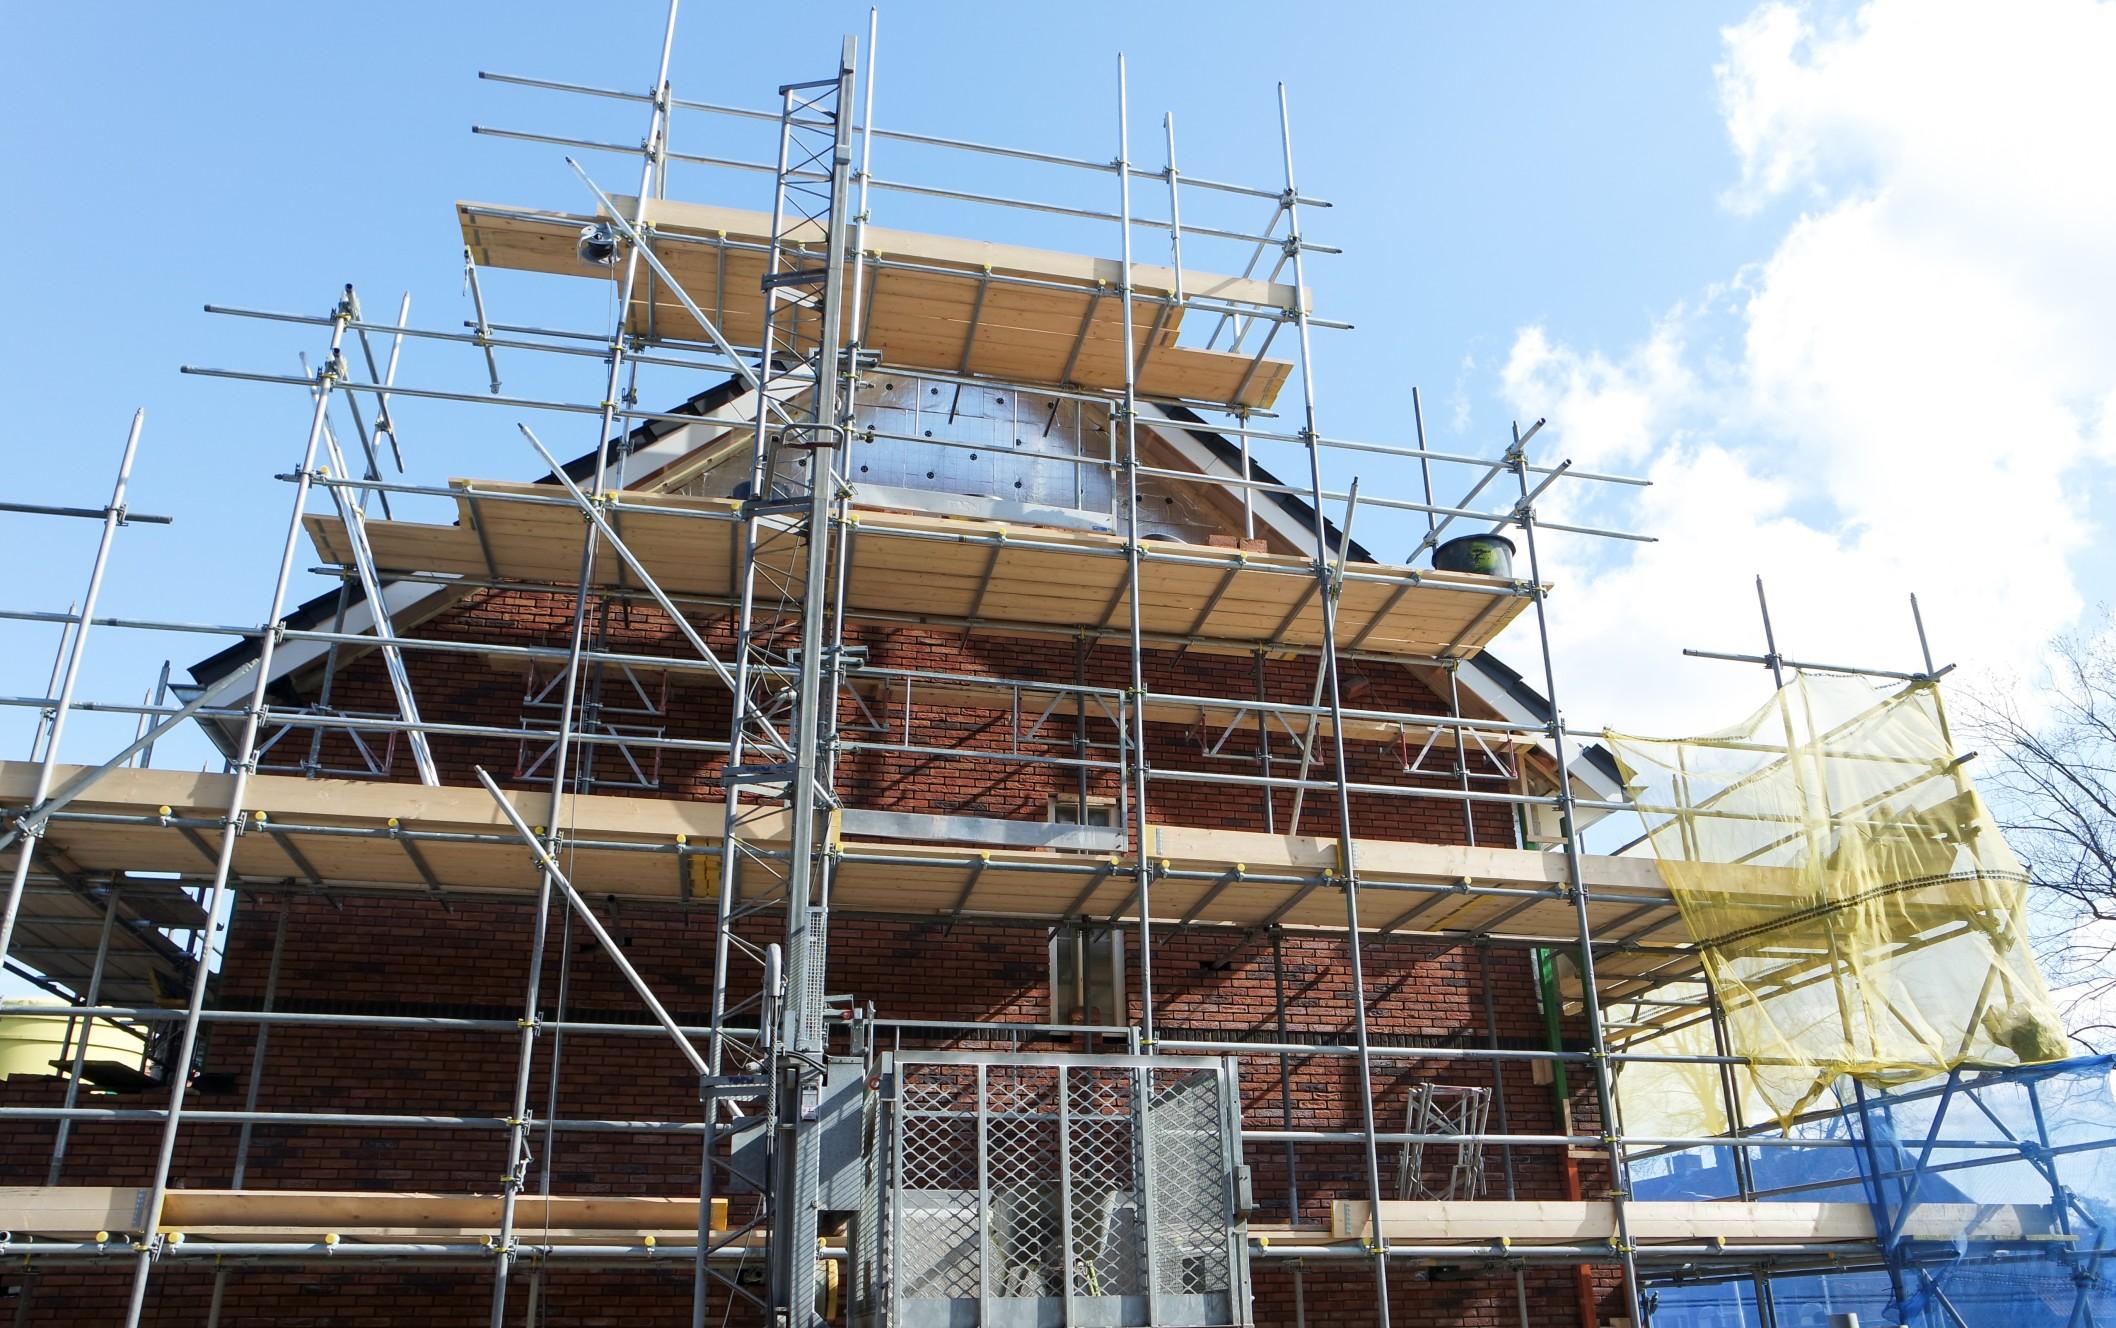 Eine Bauleistungsversicherung ist beim Neubau praktisch immer sinnvoll. Foto SmitBruins via Twenty20